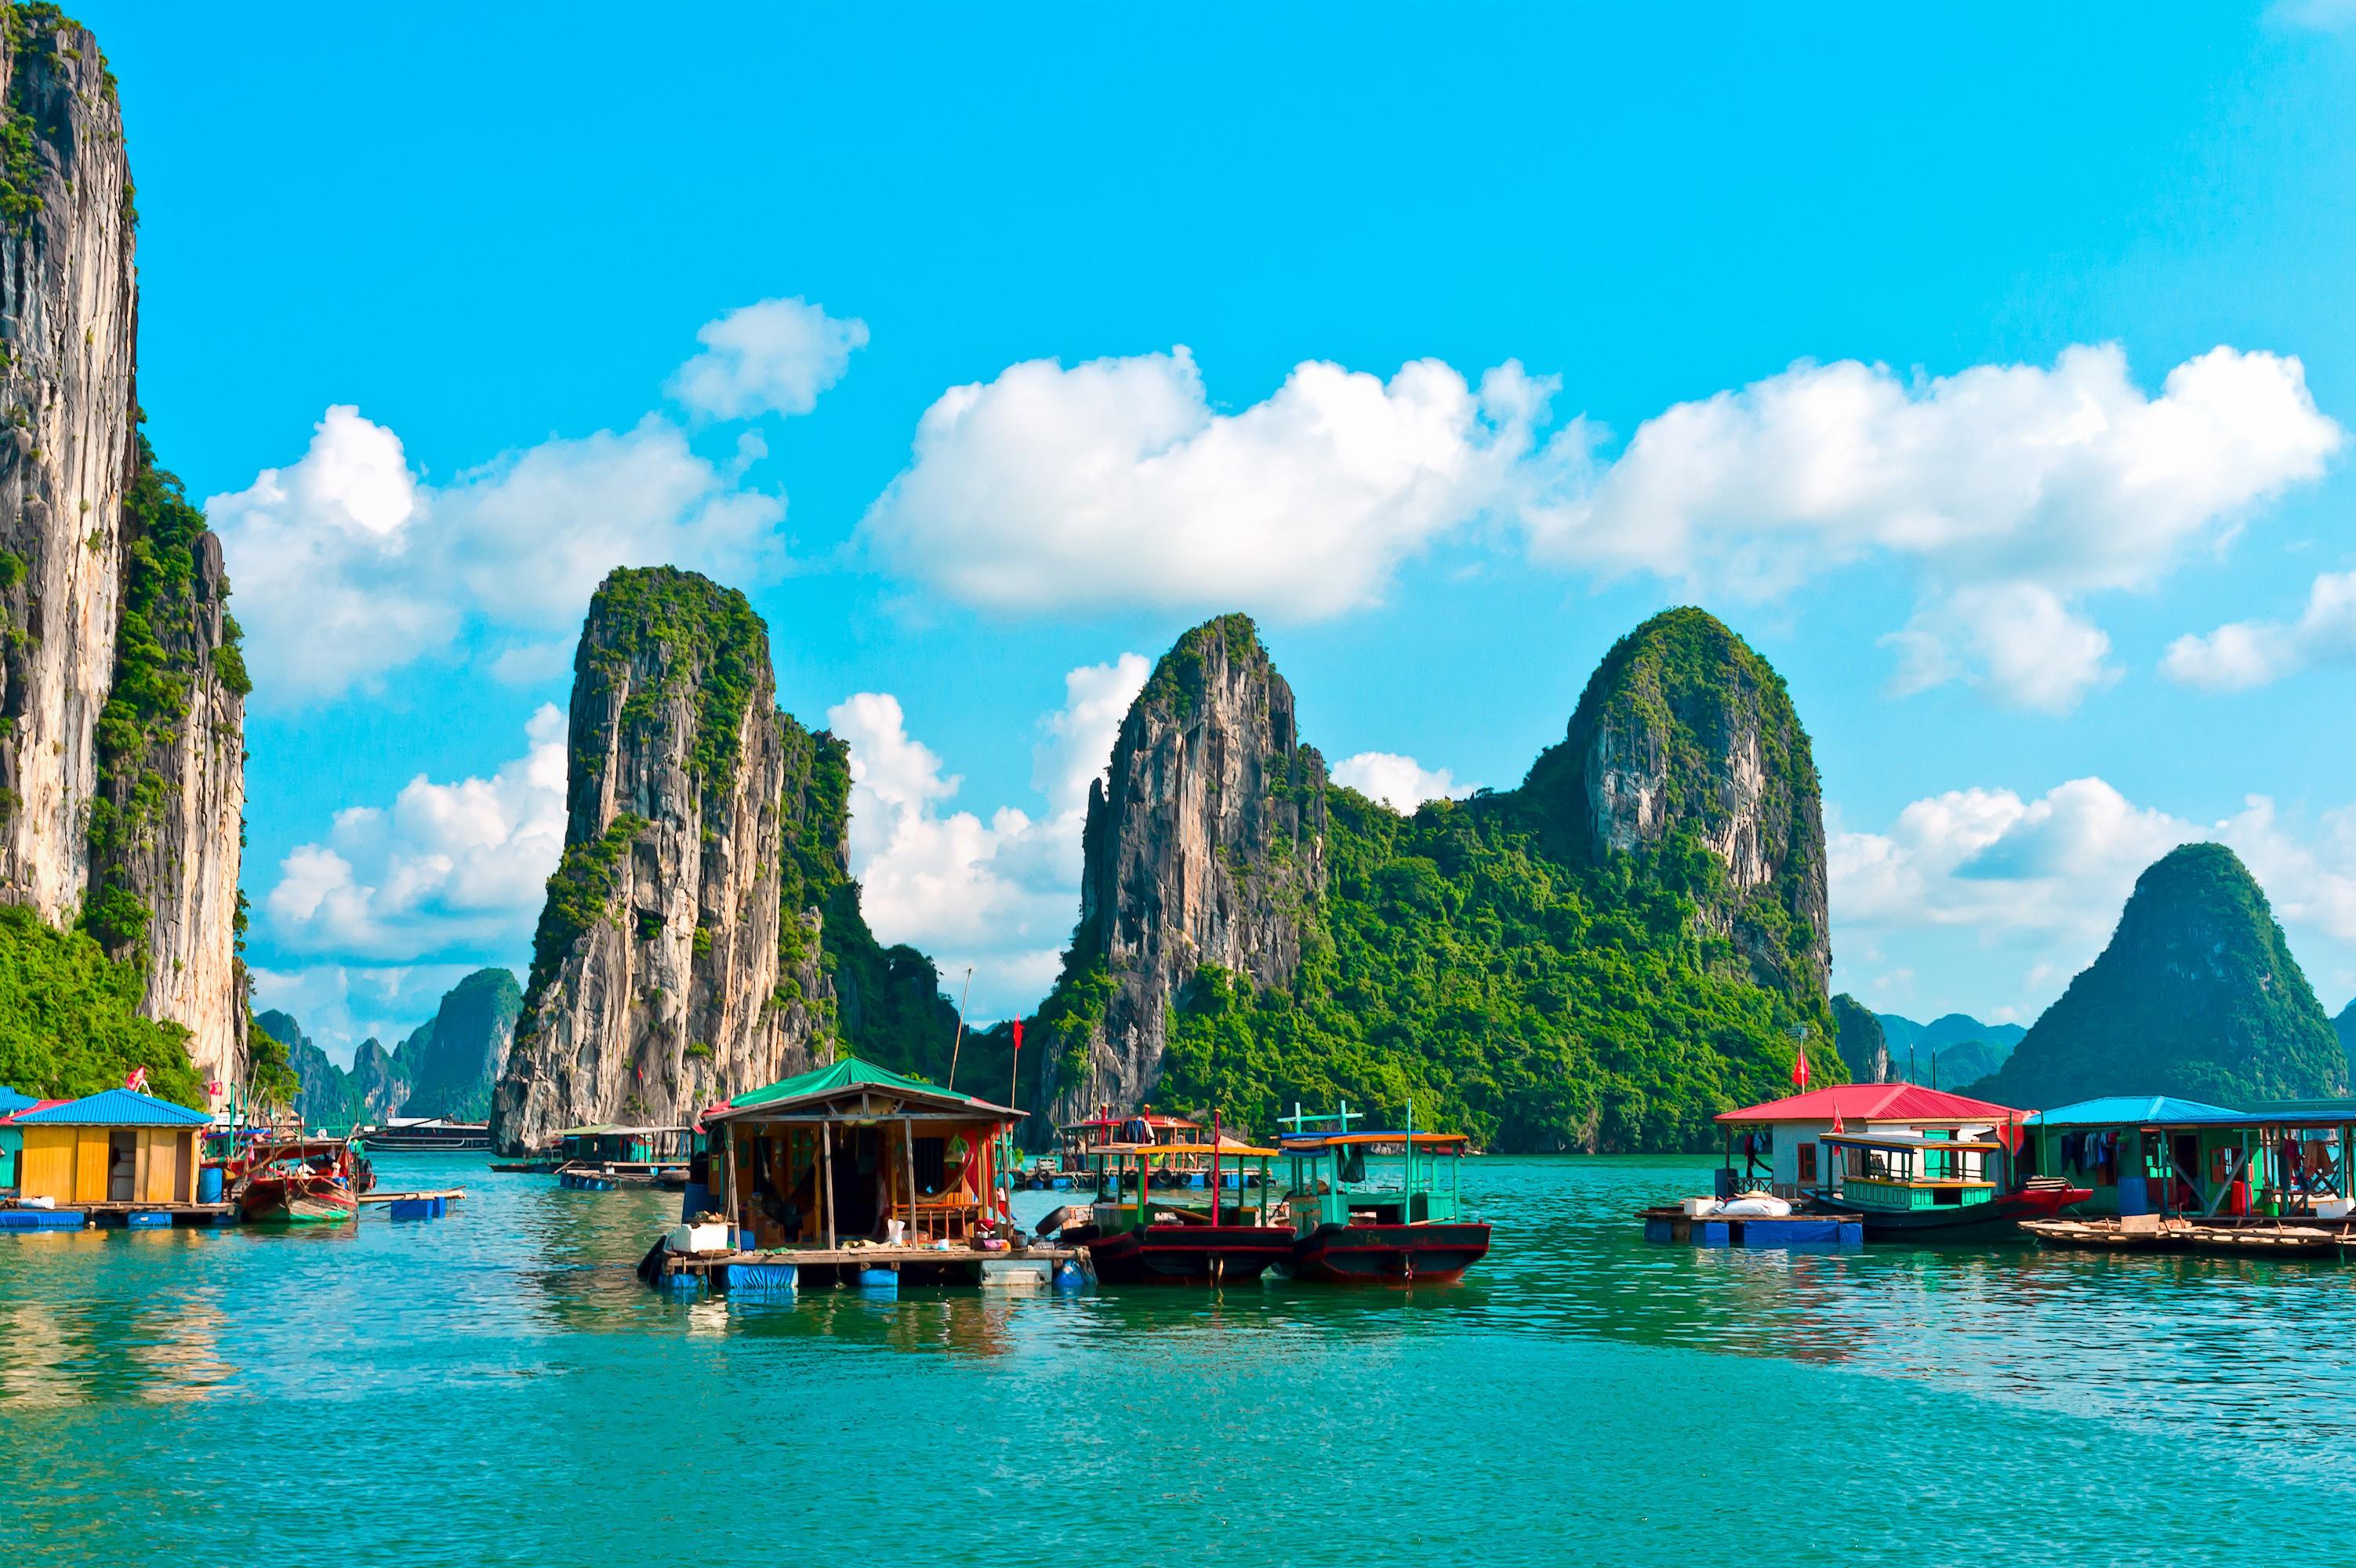 Vịnh Hạ Long nằm trong danh sách 10 điểm đến tại Đông Nam Á nên ghé tham một lần trong đời  - Ảnh 4.